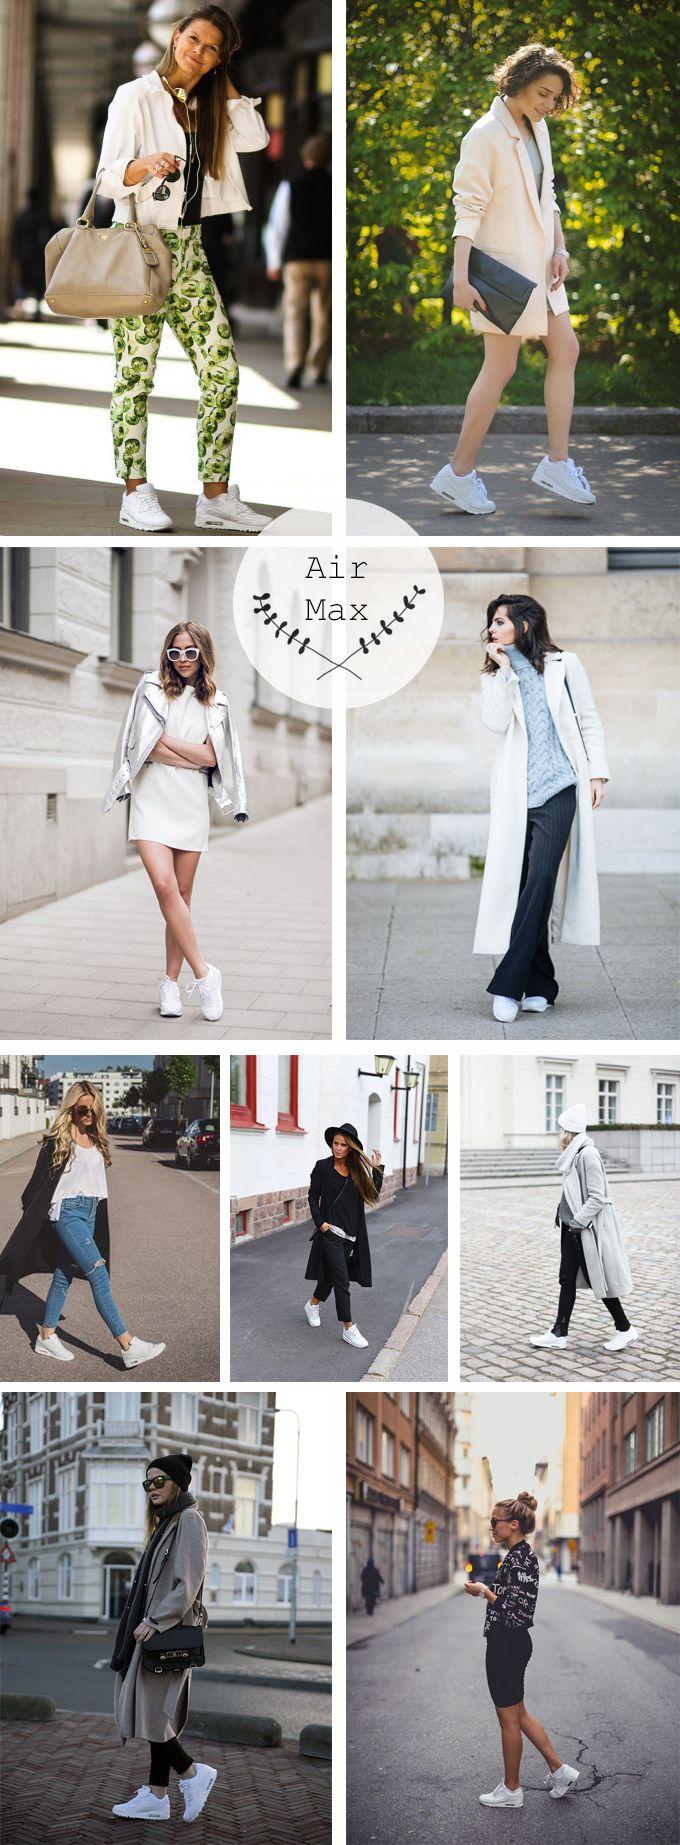 Zapatillas deportivas blancas inspiraci n outfits con for Inspiracion sinonimo